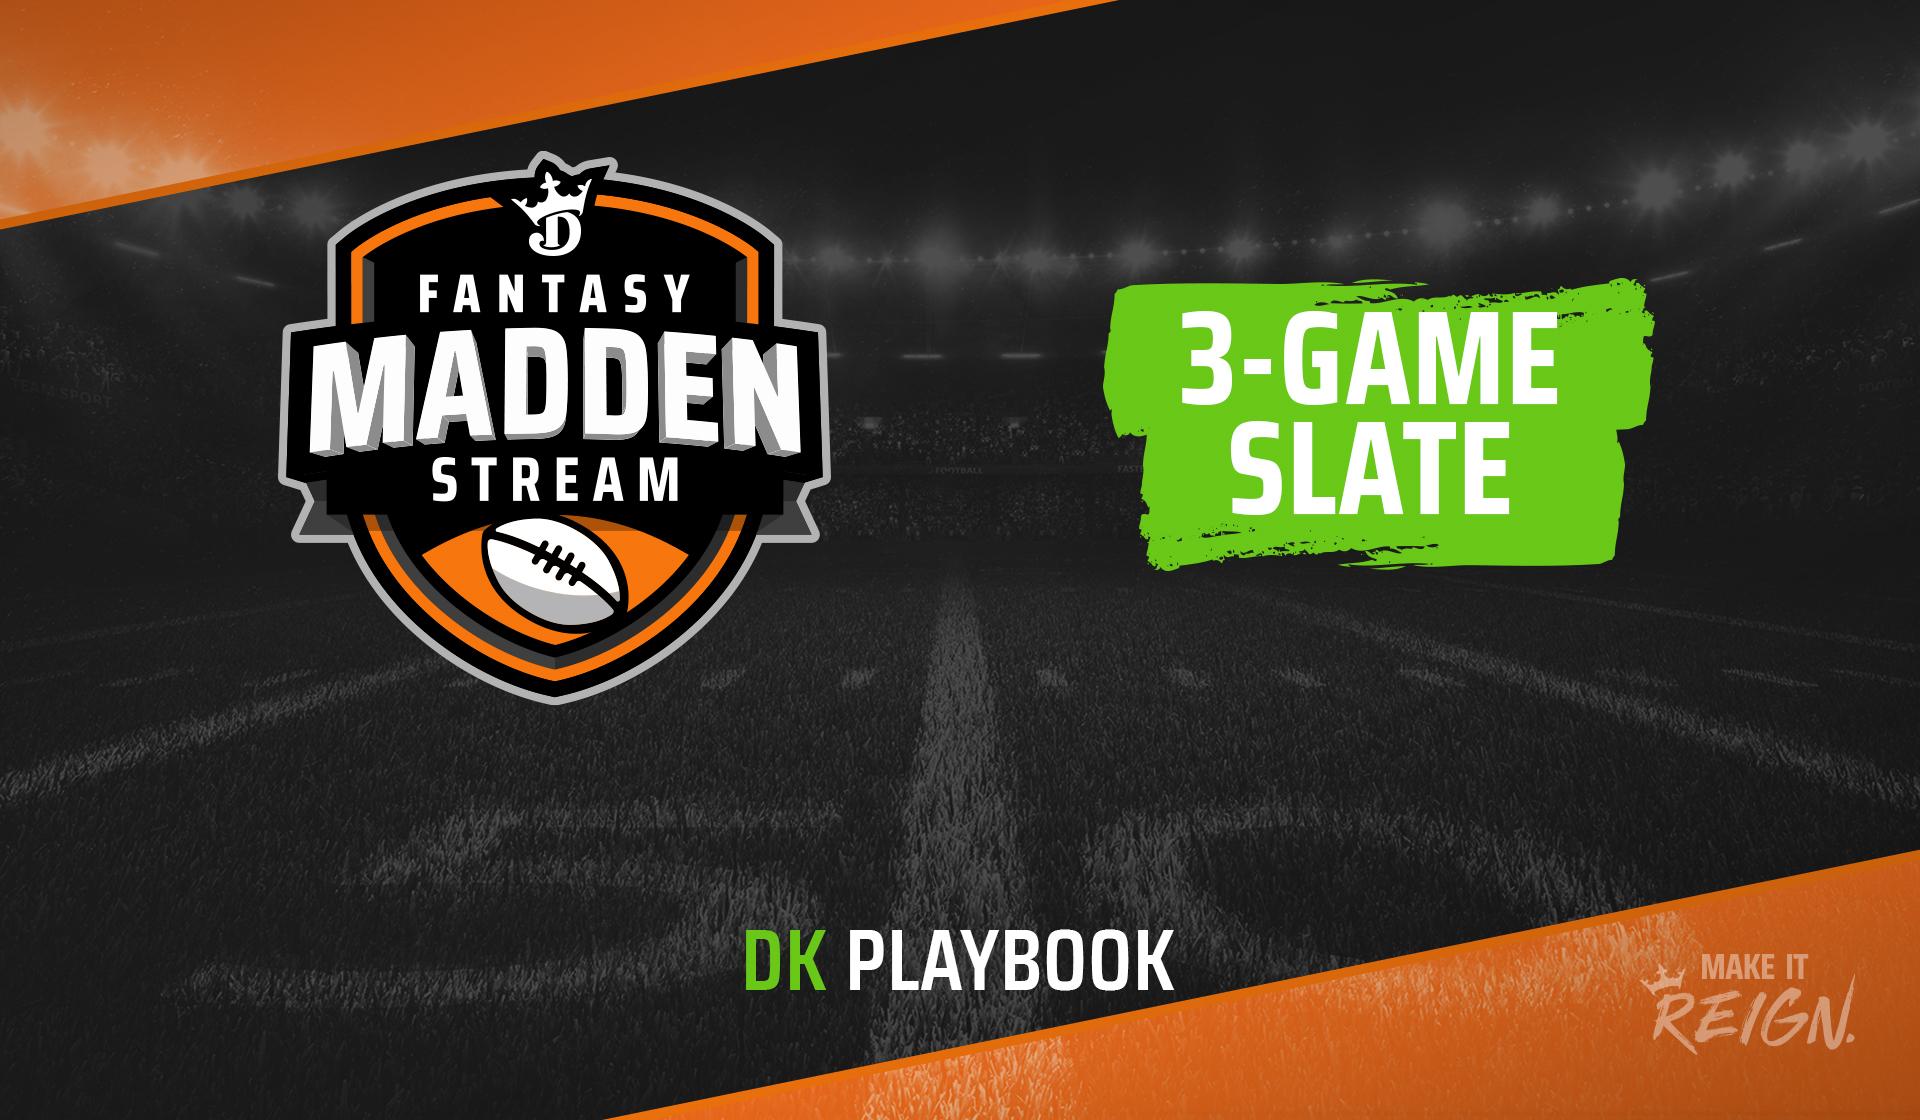 3-game slate